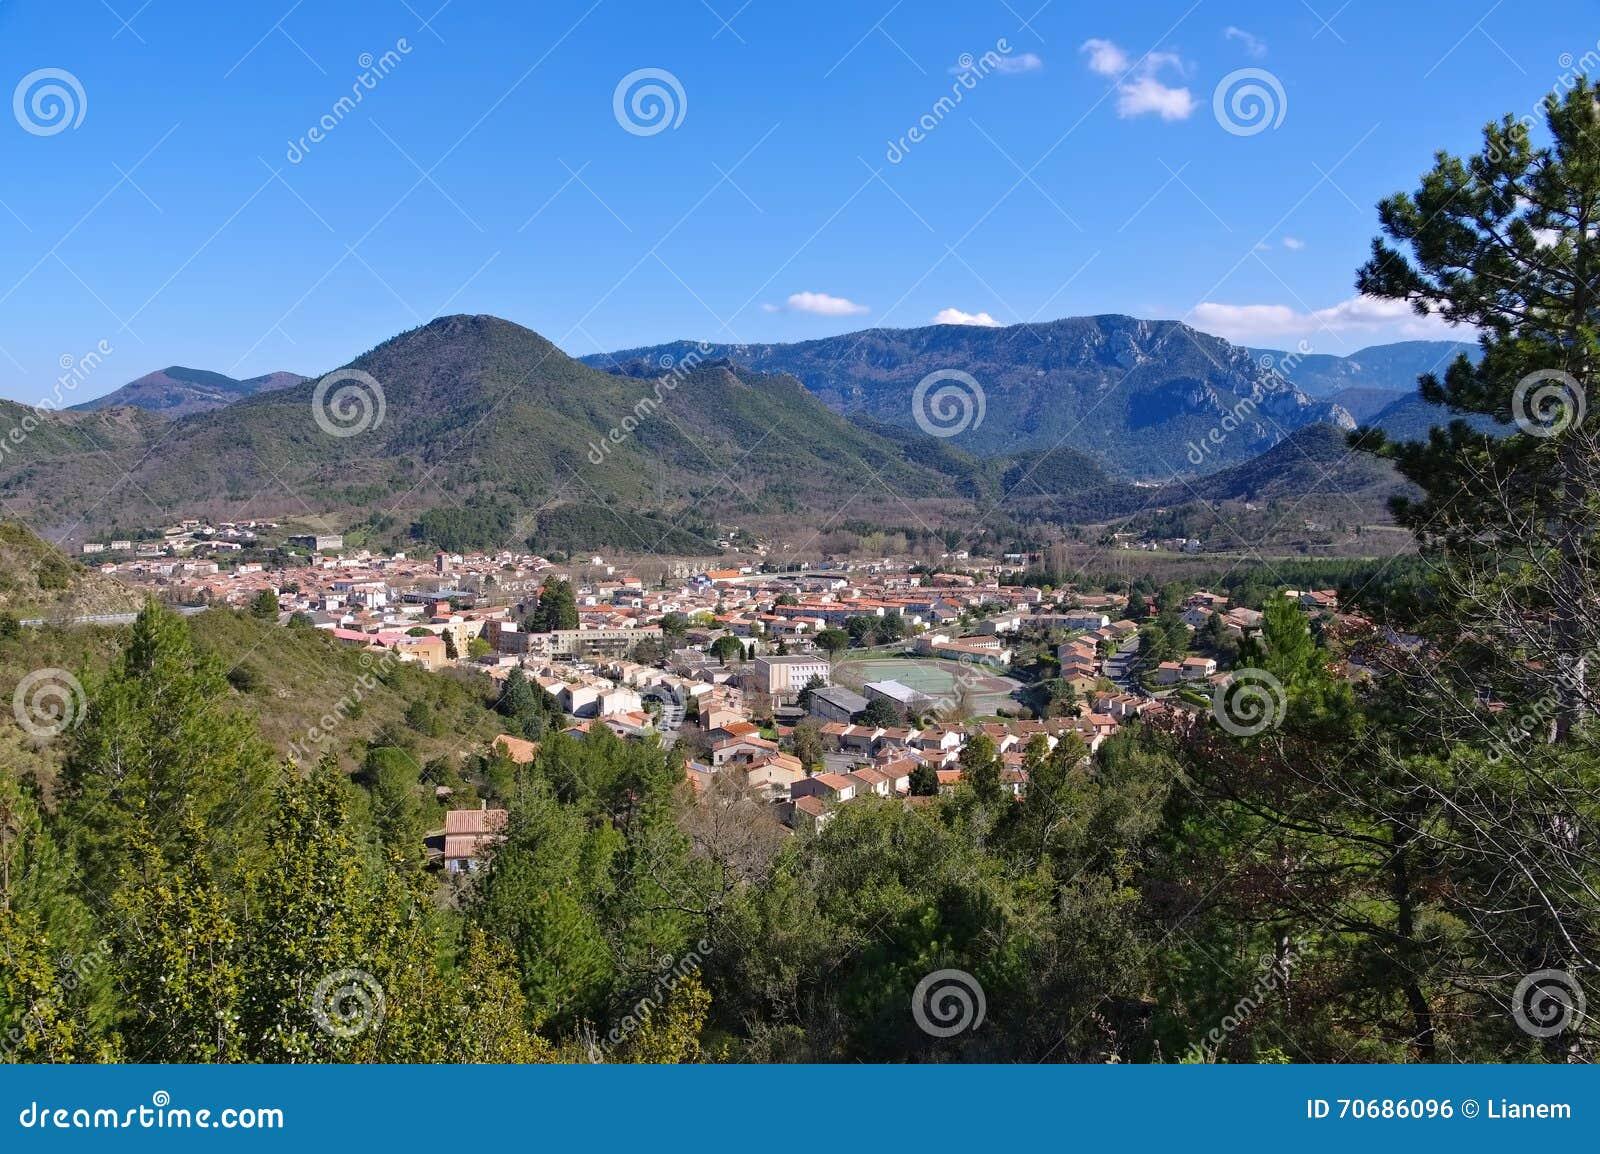 La ville Quillan dans les Frances